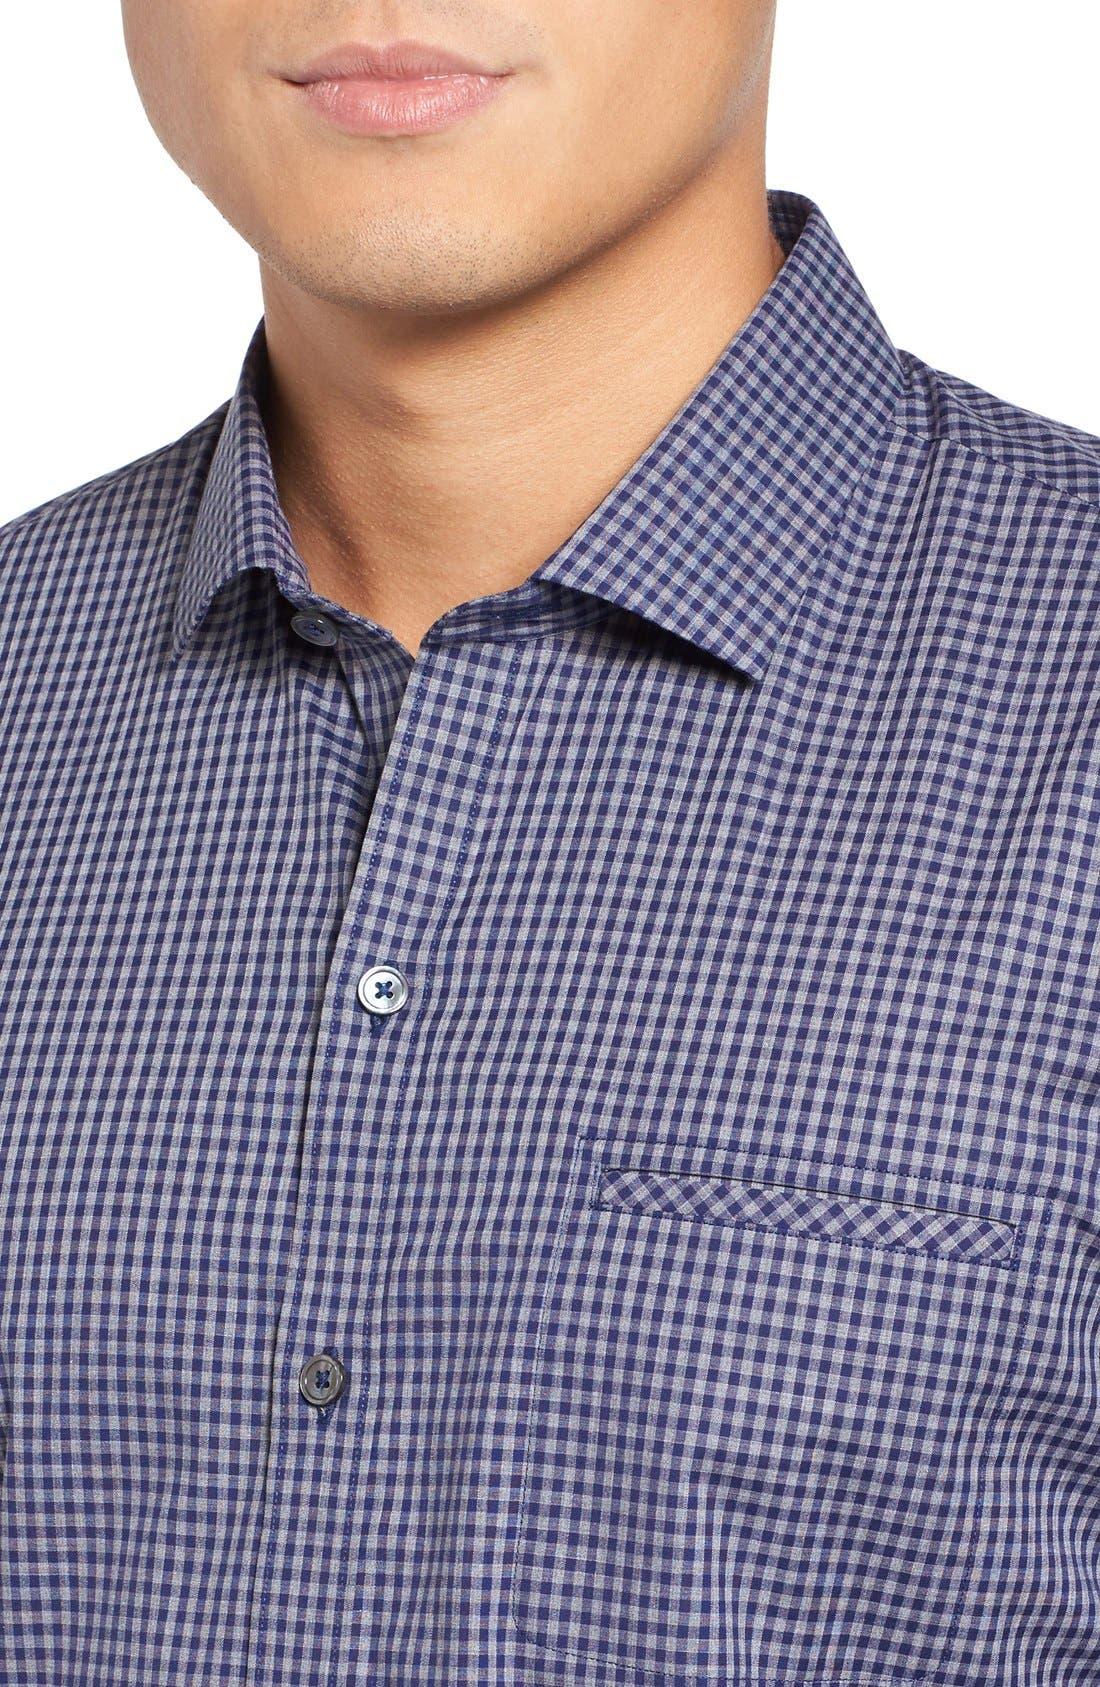 Fitzpatrick Trim Fit Sport Shirt,                             Alternate thumbnail 4, color,                             400